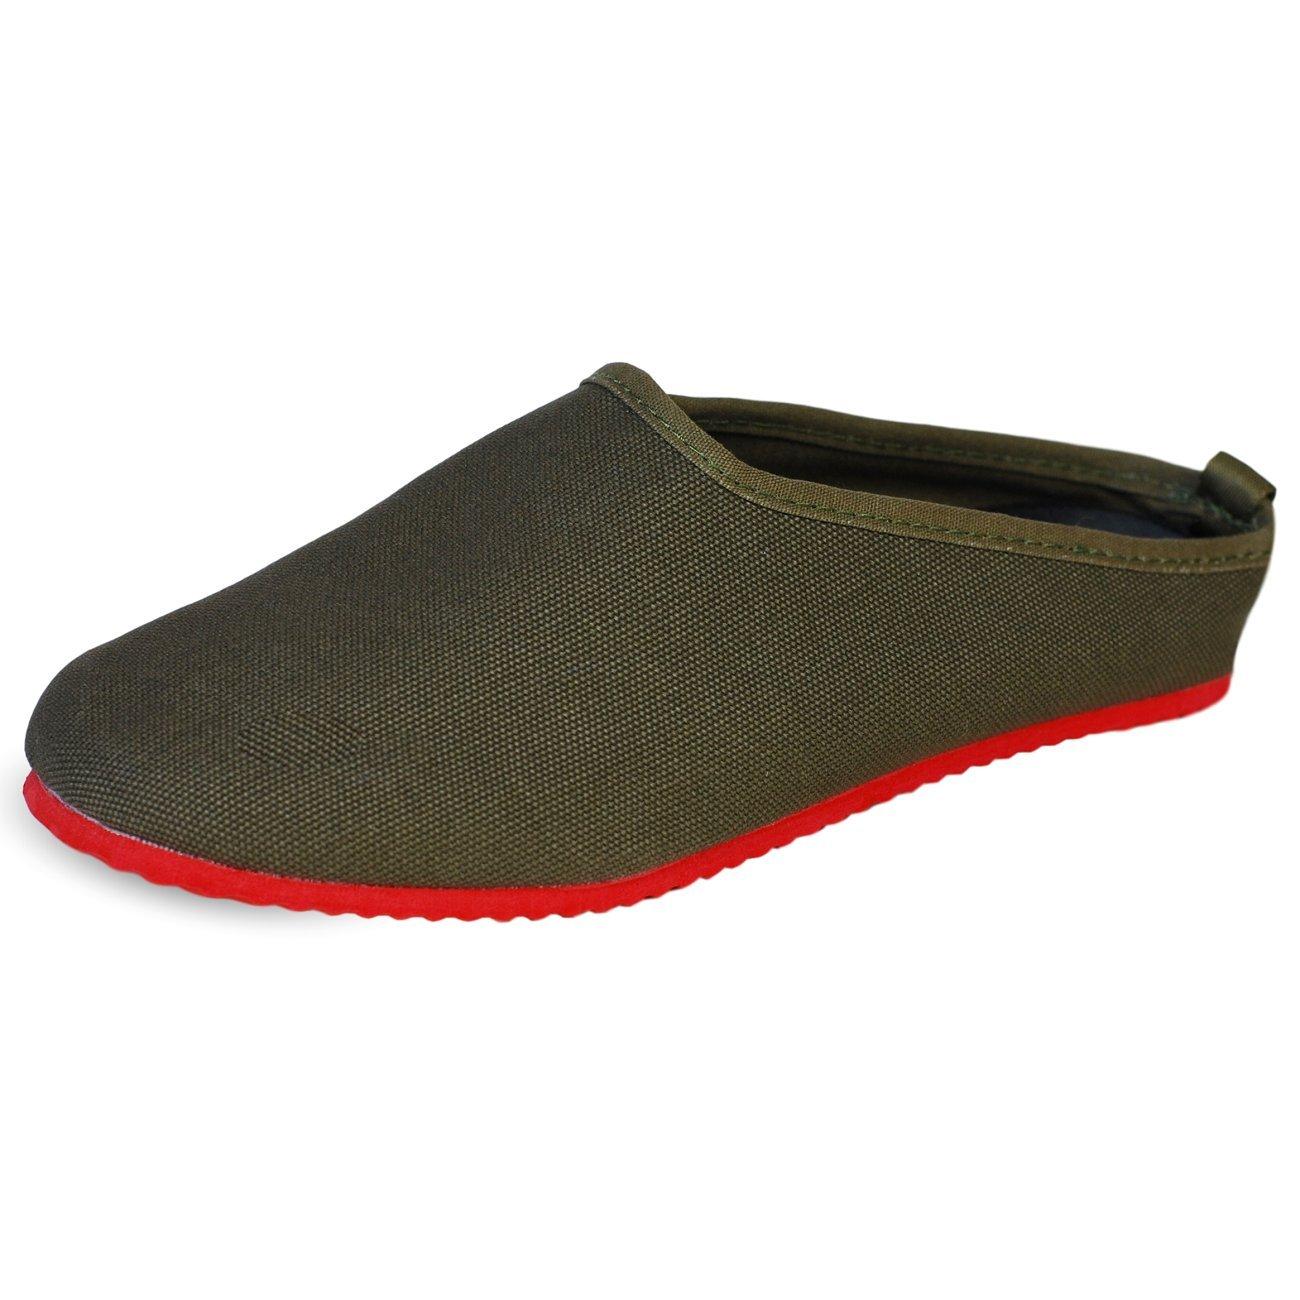 PantOUF Biarritz Pantofole di Cotone - per Donne/Uomini (taglia piccola) Marrone/Rosso